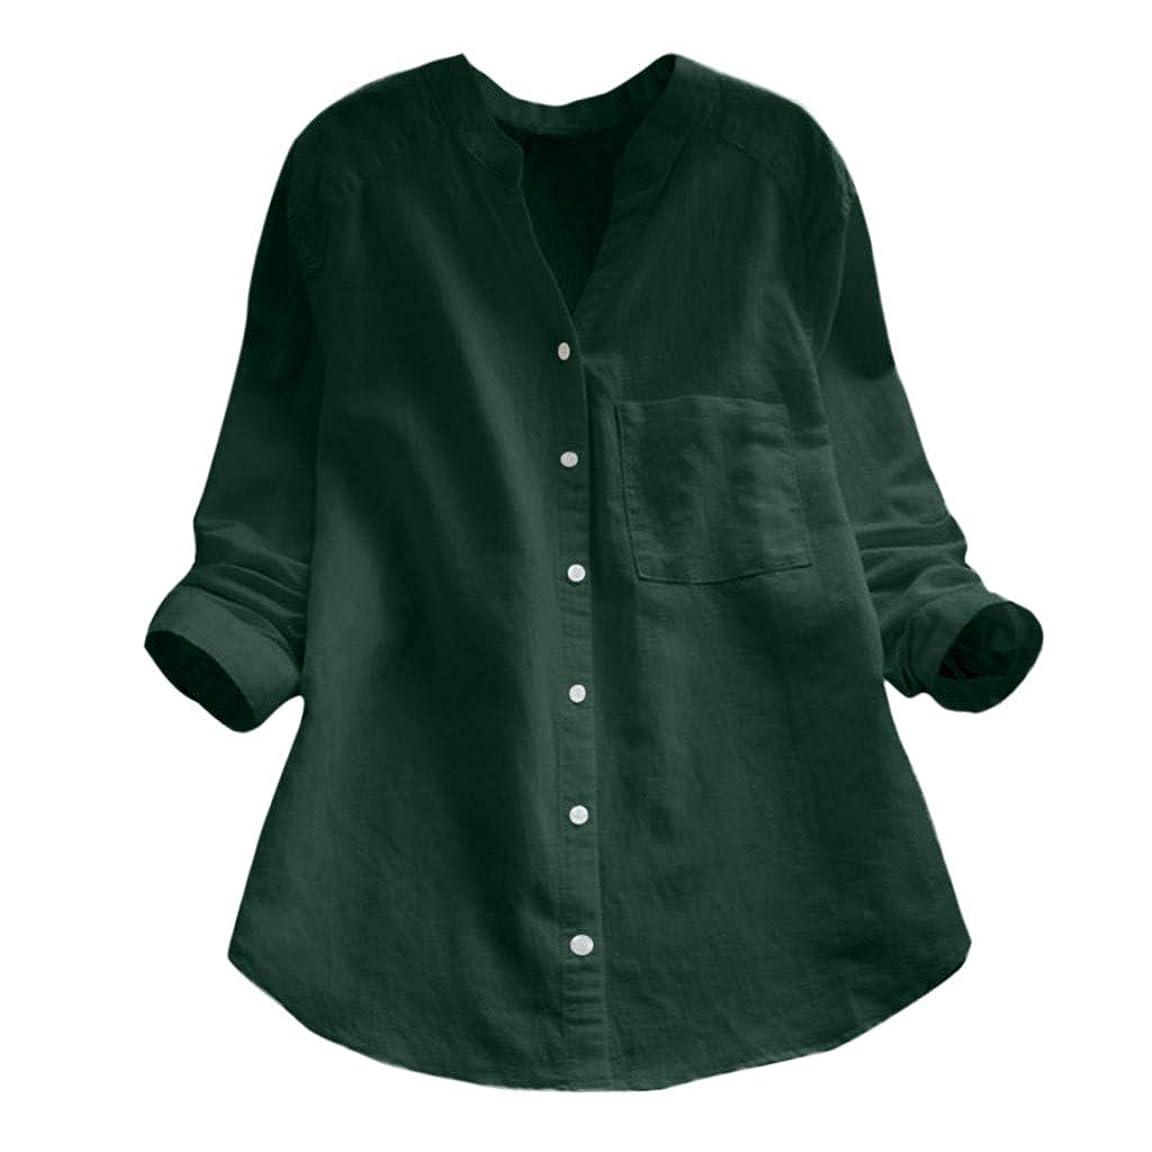 聴覚維持する掃除カジュアル Tシャツ Rexzo Vネック 長袖 トップス カジュアル ポケット付き 綿麻 シャツ 純色 ボタンダウン カットソー ファッション シンプル ブラウス さっぱりした 夏服 おしゃれ 洋服 着心地良い 通勤 リゾート ギフト